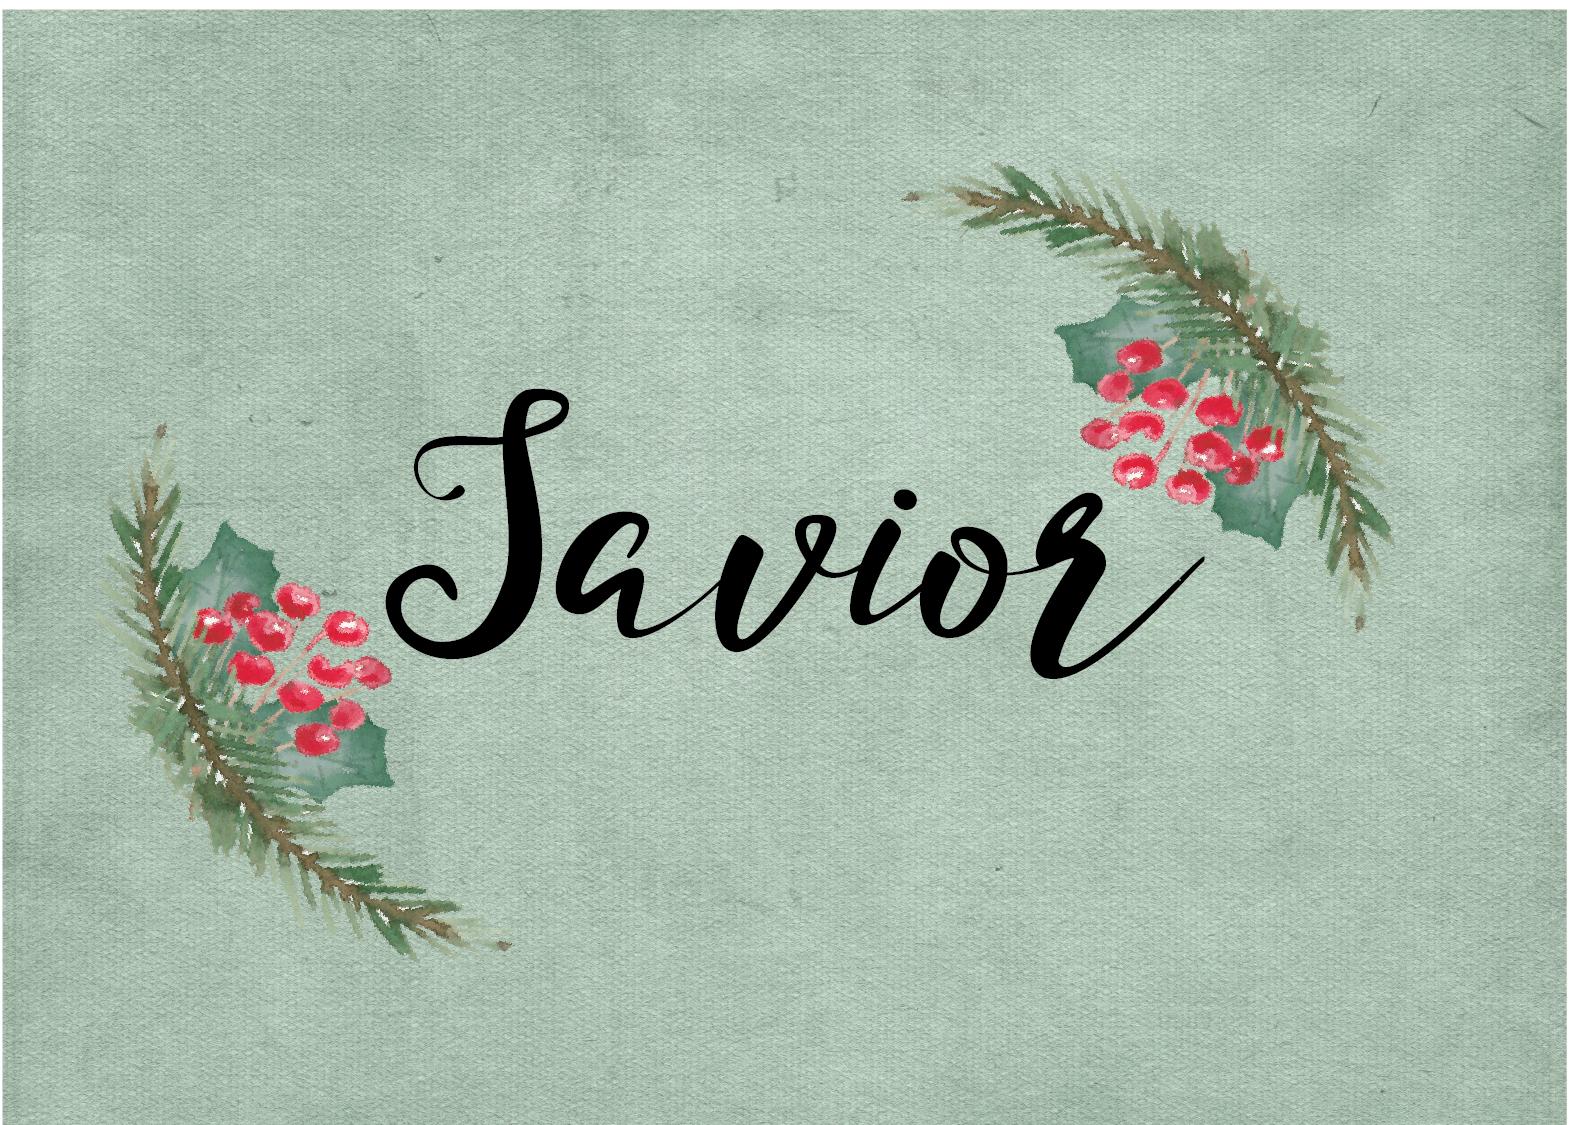 Savior-43.png